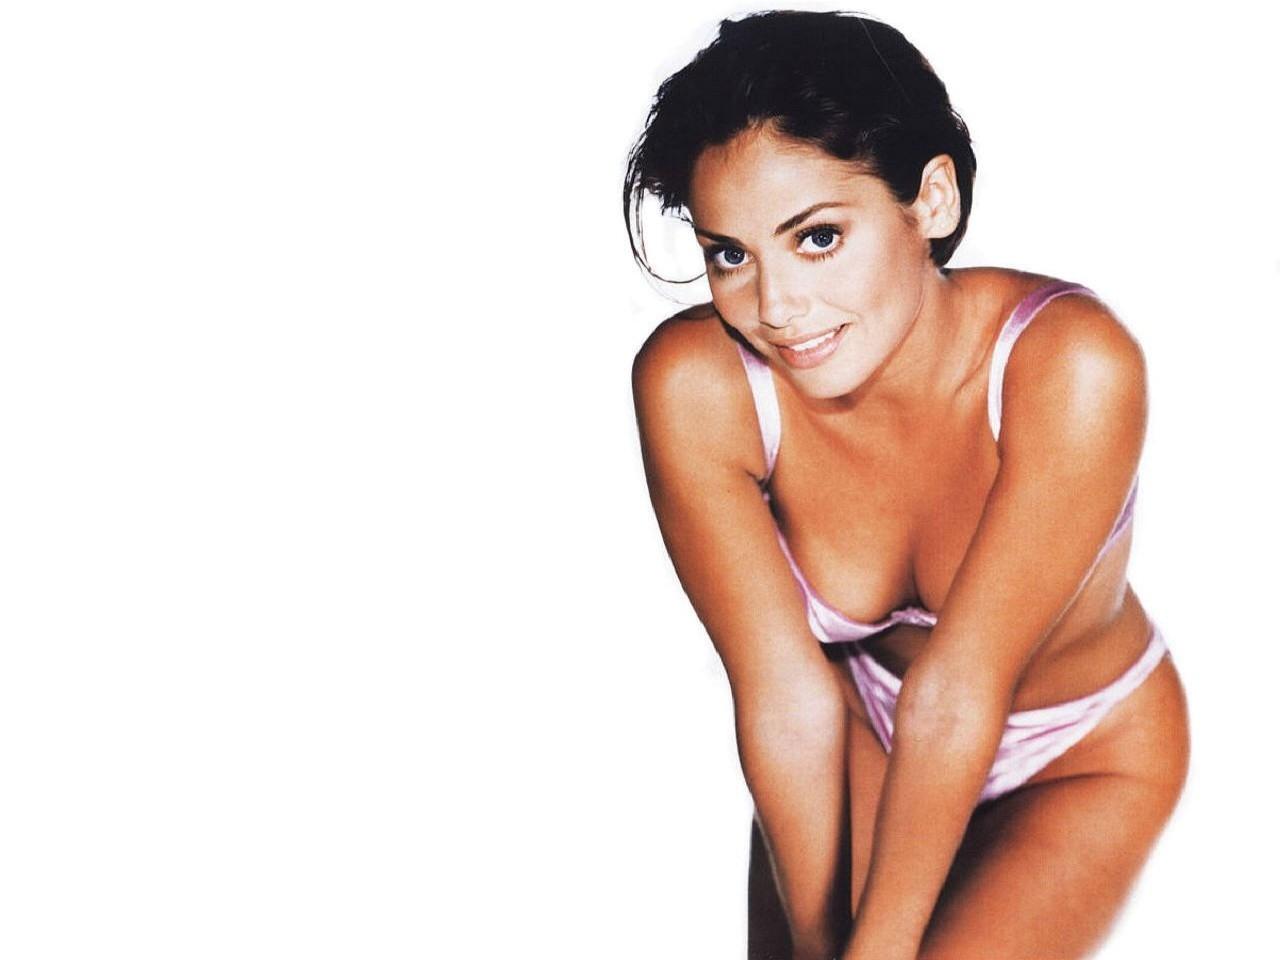 Wallpaper di Natalie Imbruglia - l'attrice e cantante è nata il 4 febbraio 1975, a Sydney sotto il segno dell'Acquario